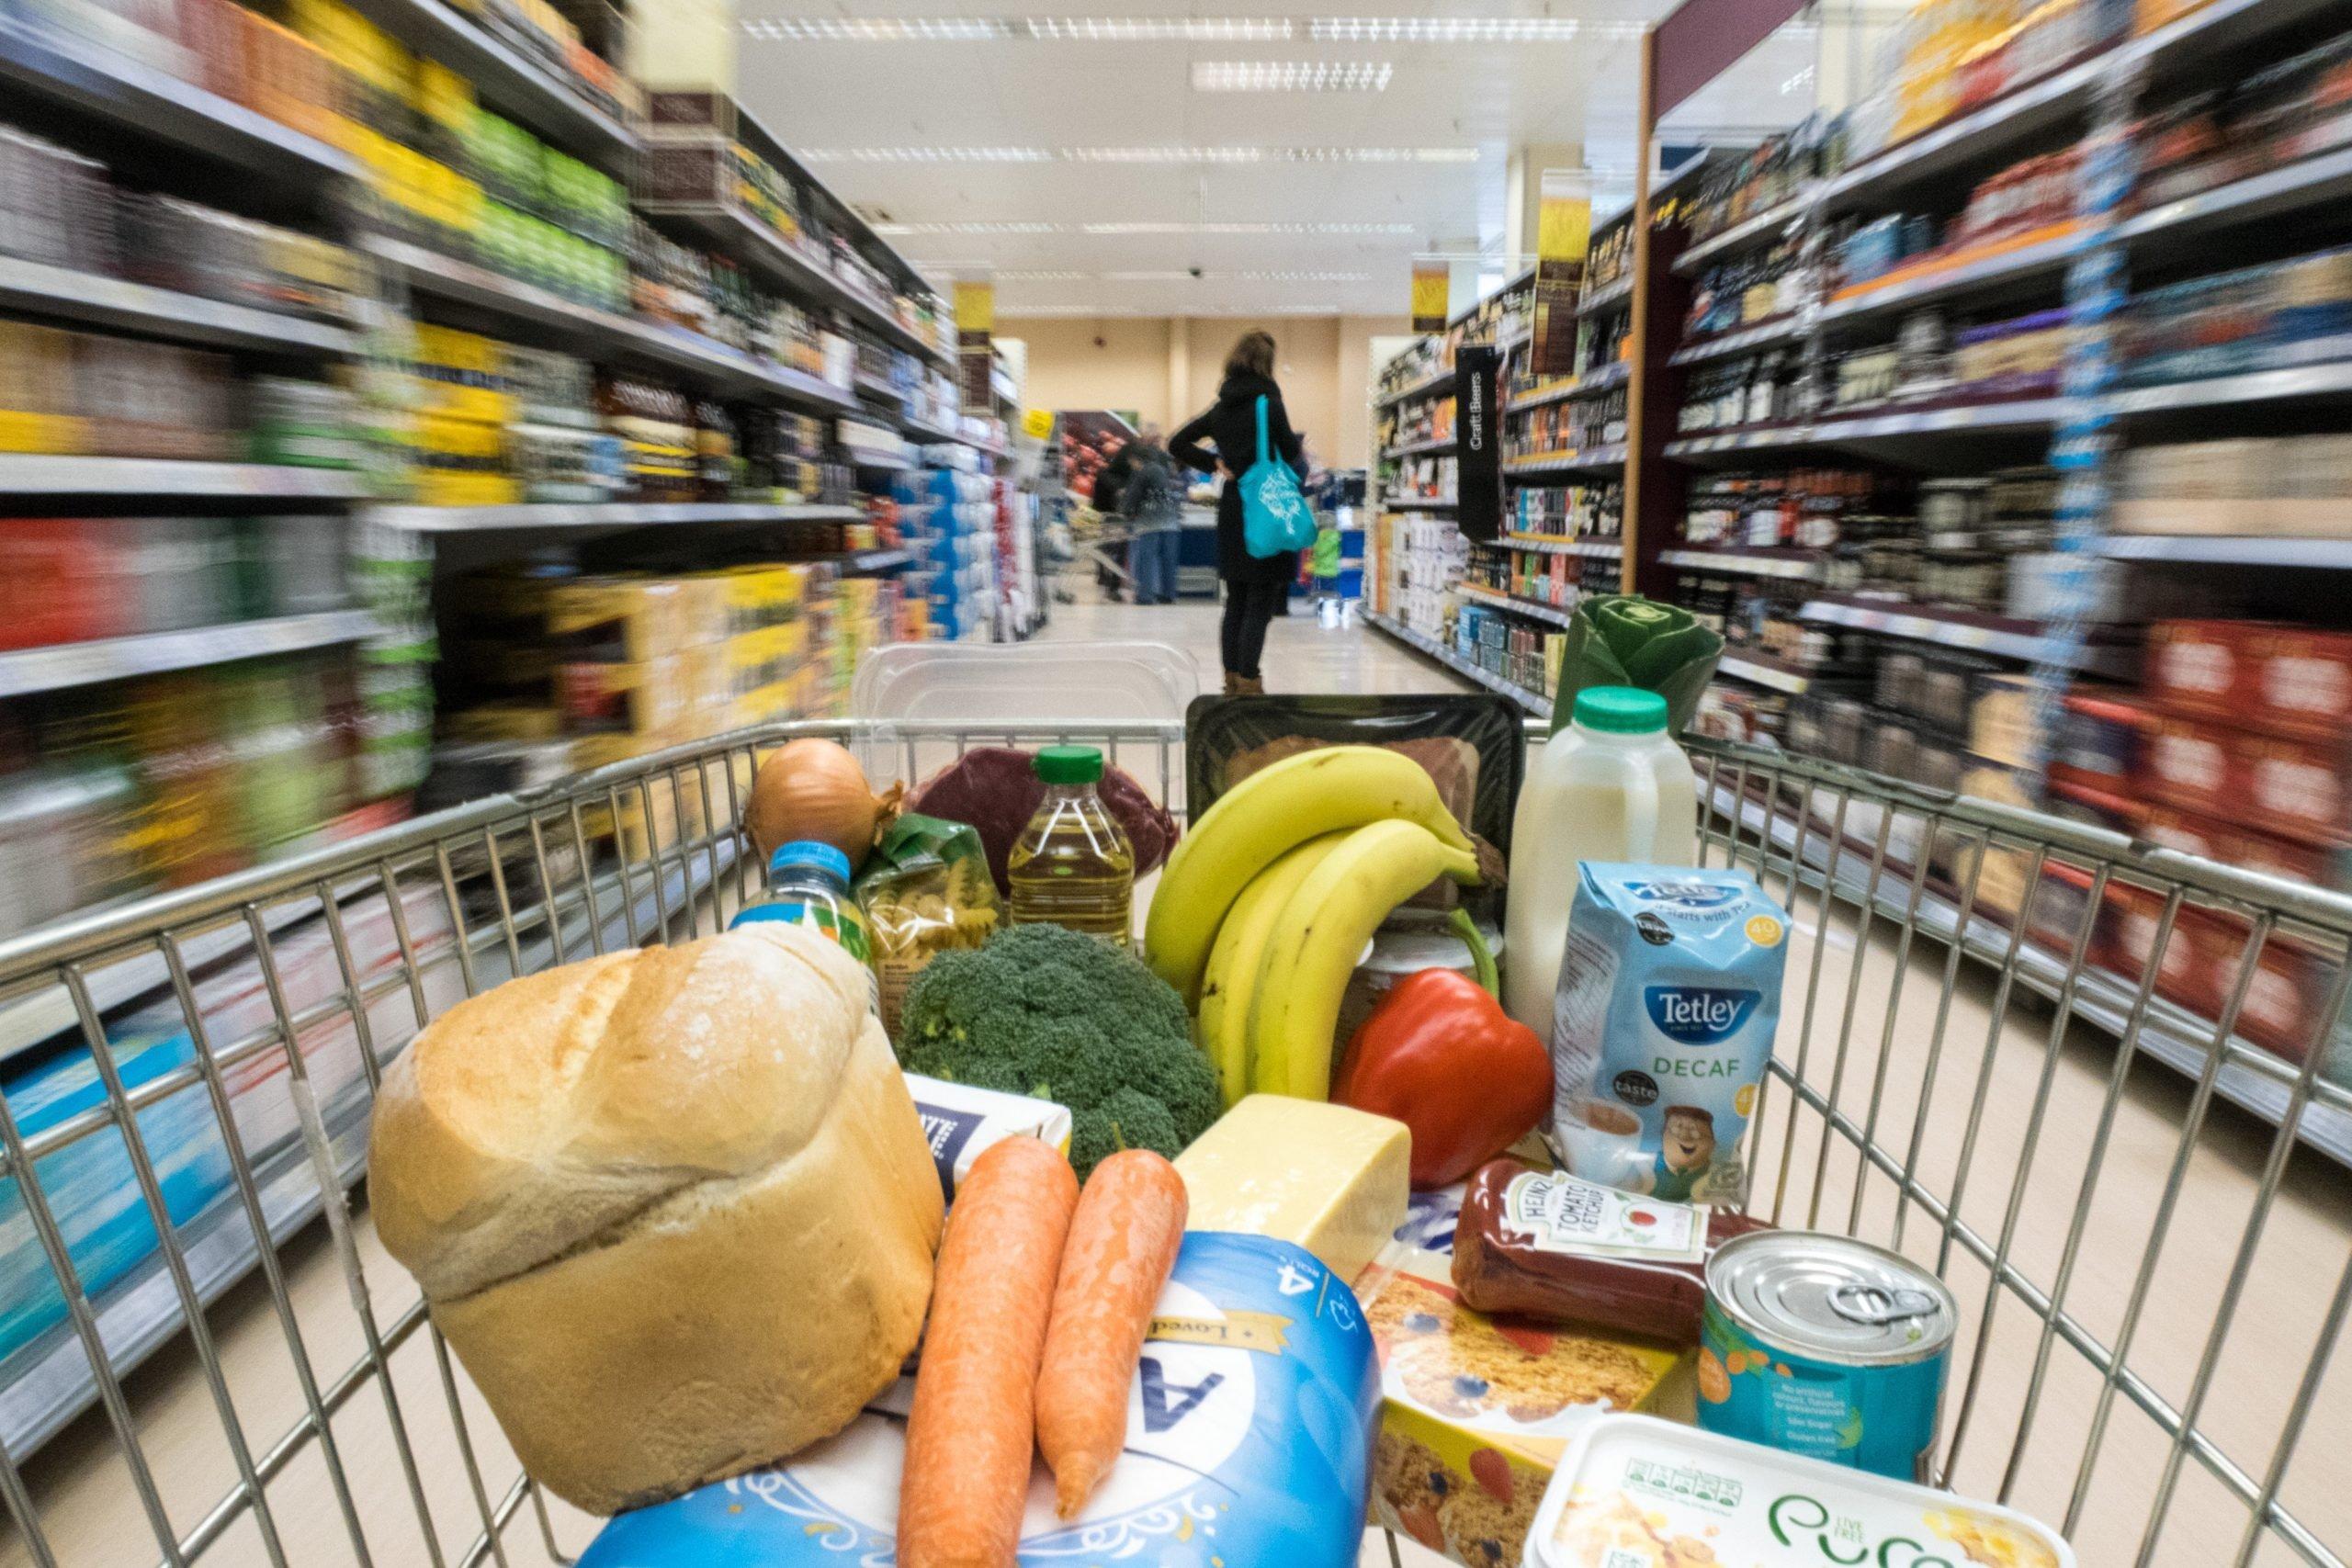 Lebensmittel schnell einkaufen ist schon möglich